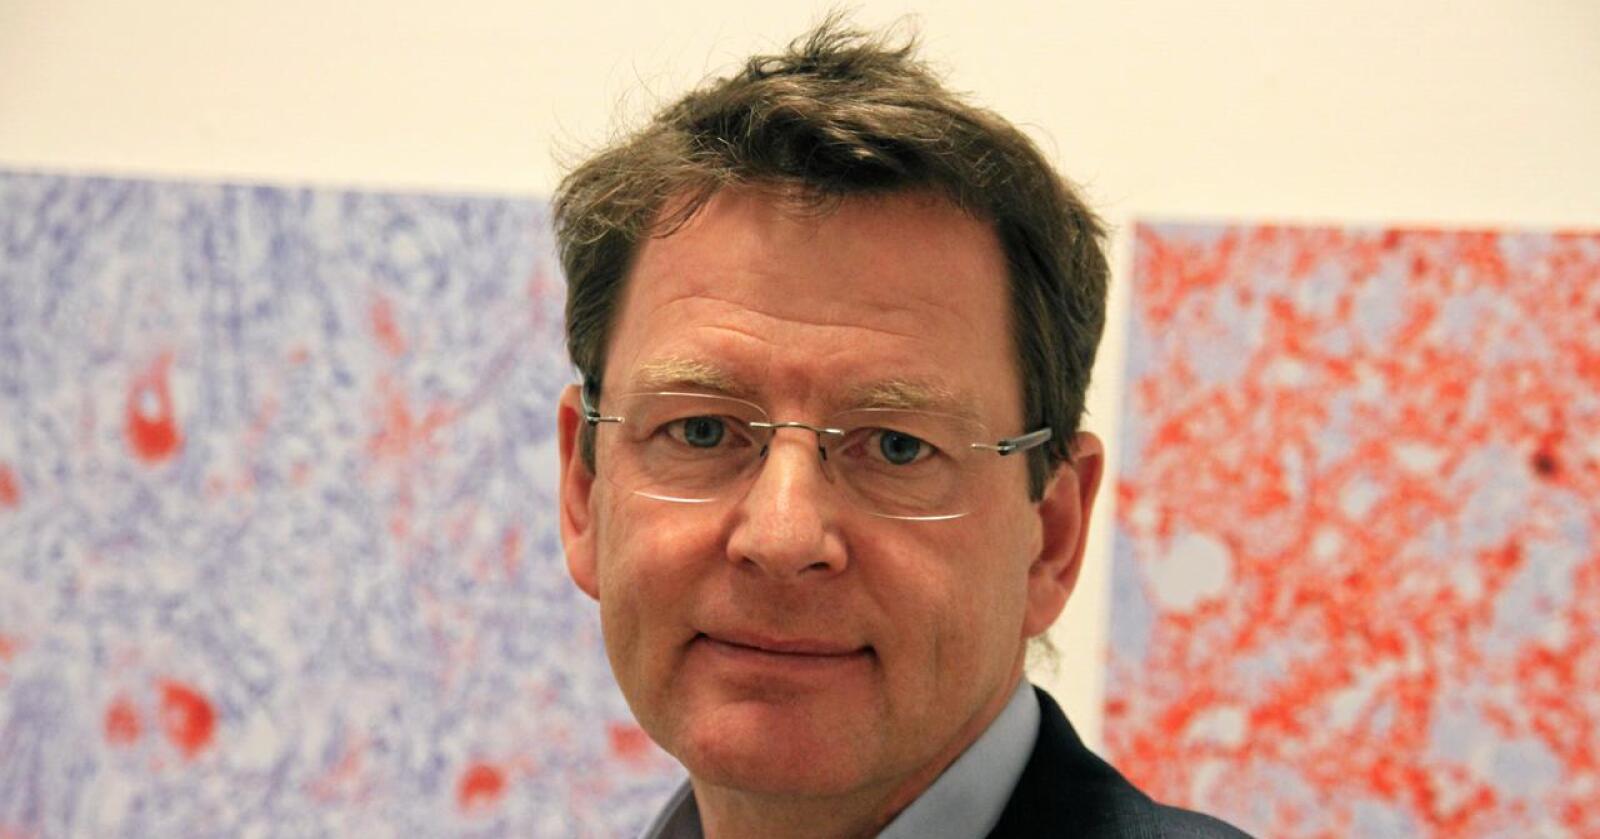 Gaute Lenvik er ansatt som ny administrerende direktør i Norsk Landbrukssamvirke. Foto: Lars Bilit Hagen